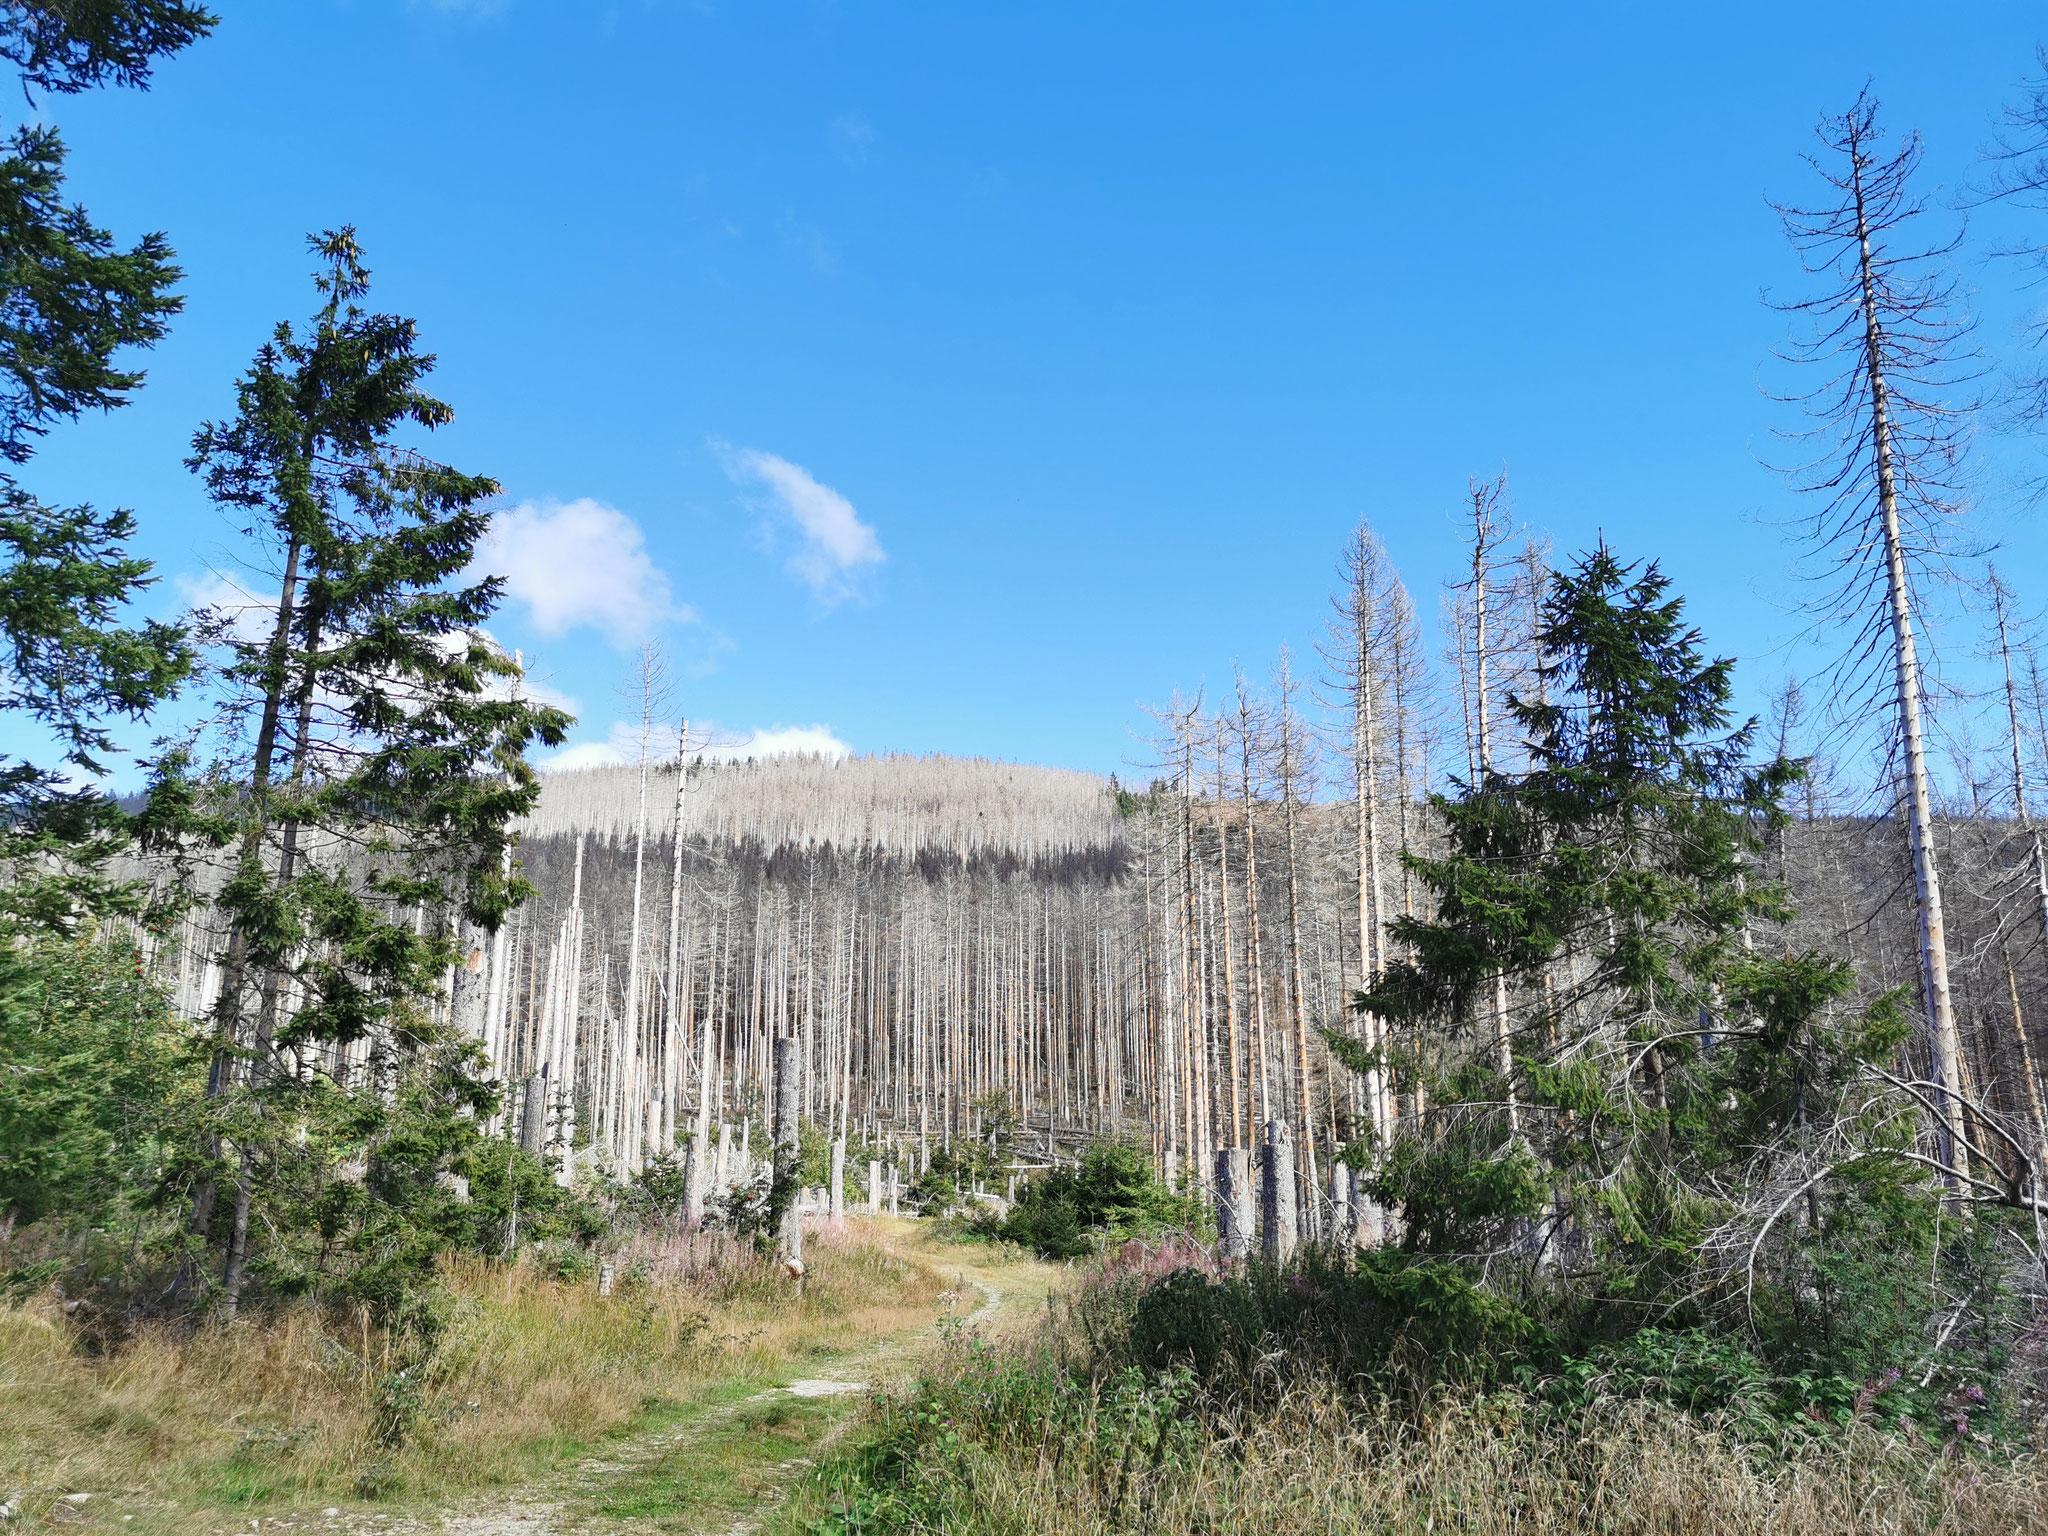 Die vom Borkenkäfer befallenen Wälder